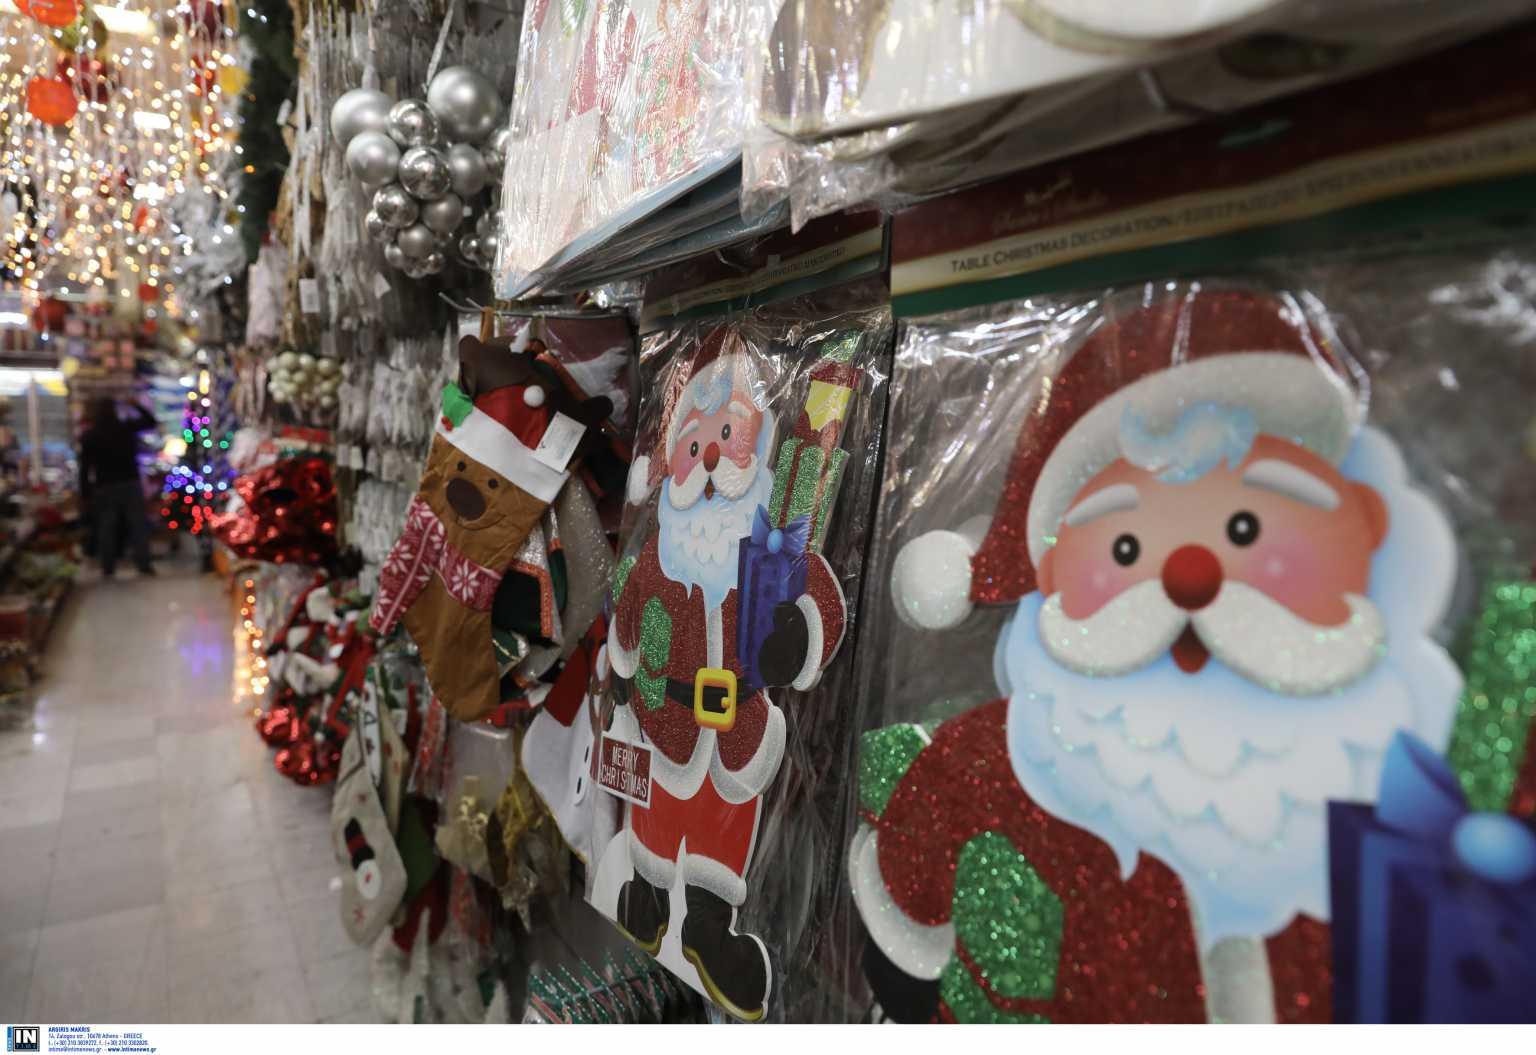 Οριστικό: Ανοίγουν τη Δευτέρα τα εποχικά καταστήματα με χριστουγεννιάτικα είδη